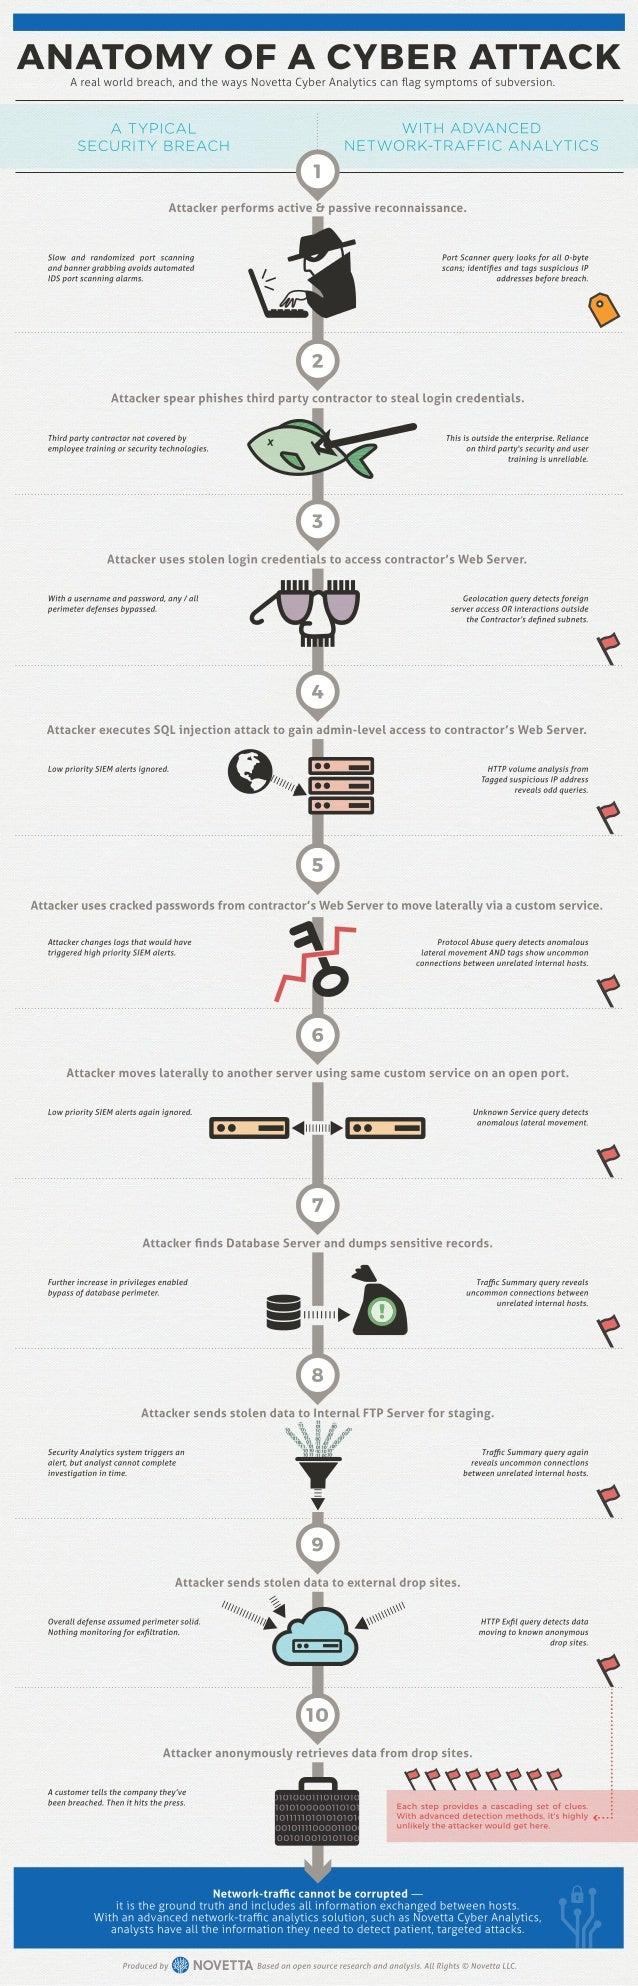 AofaCA infographic_v2